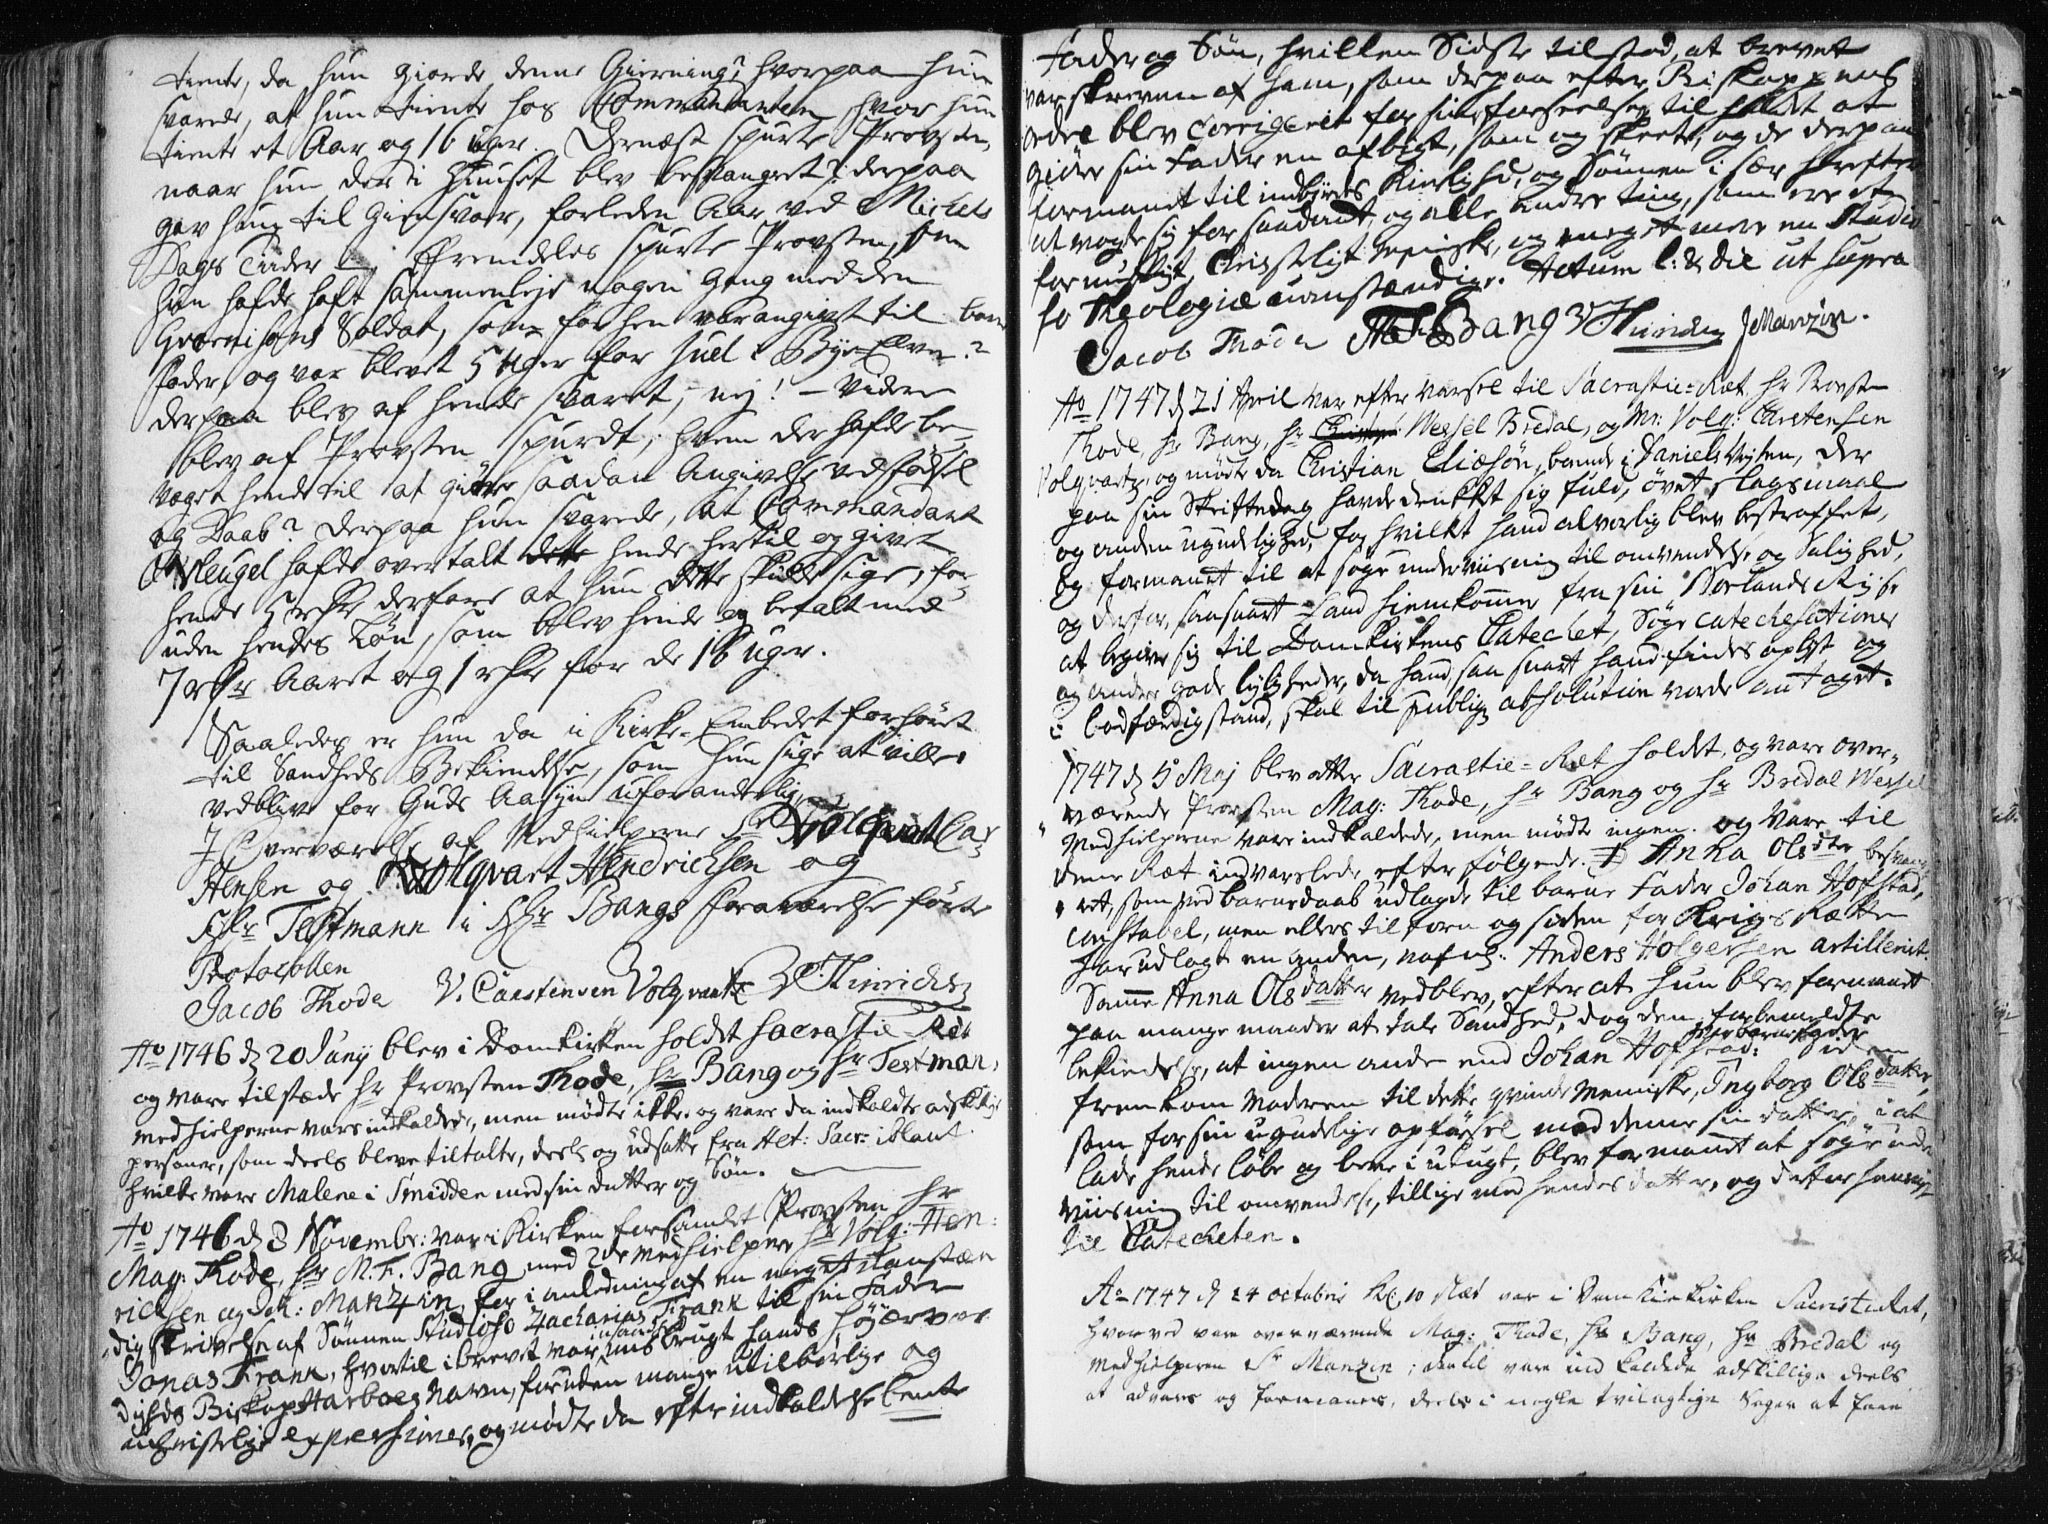 SAT, Ministerialprotokoller, klokkerbøker og fødselsregistre - Sør-Trøndelag, 601/L0036: Ministerialbok nr. 601A04, 1729-1769